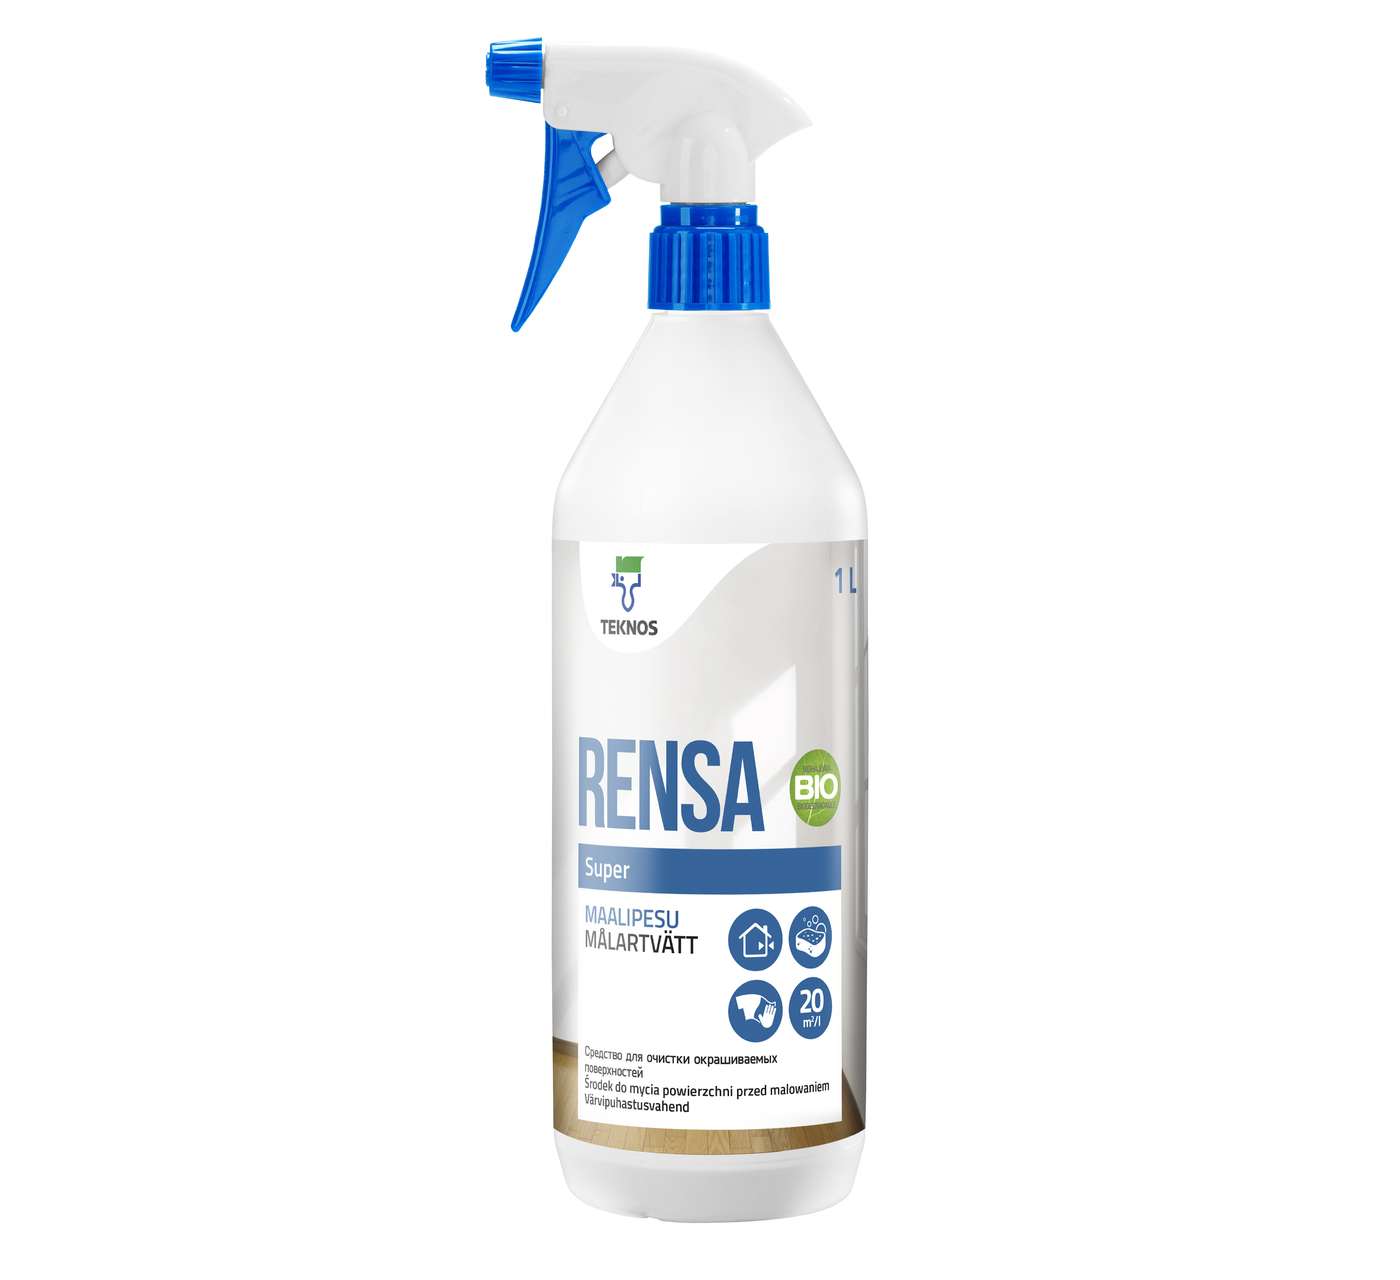 RENSA SUPER СПРЕЙ средство для очистки окрашиваемых поверхностей